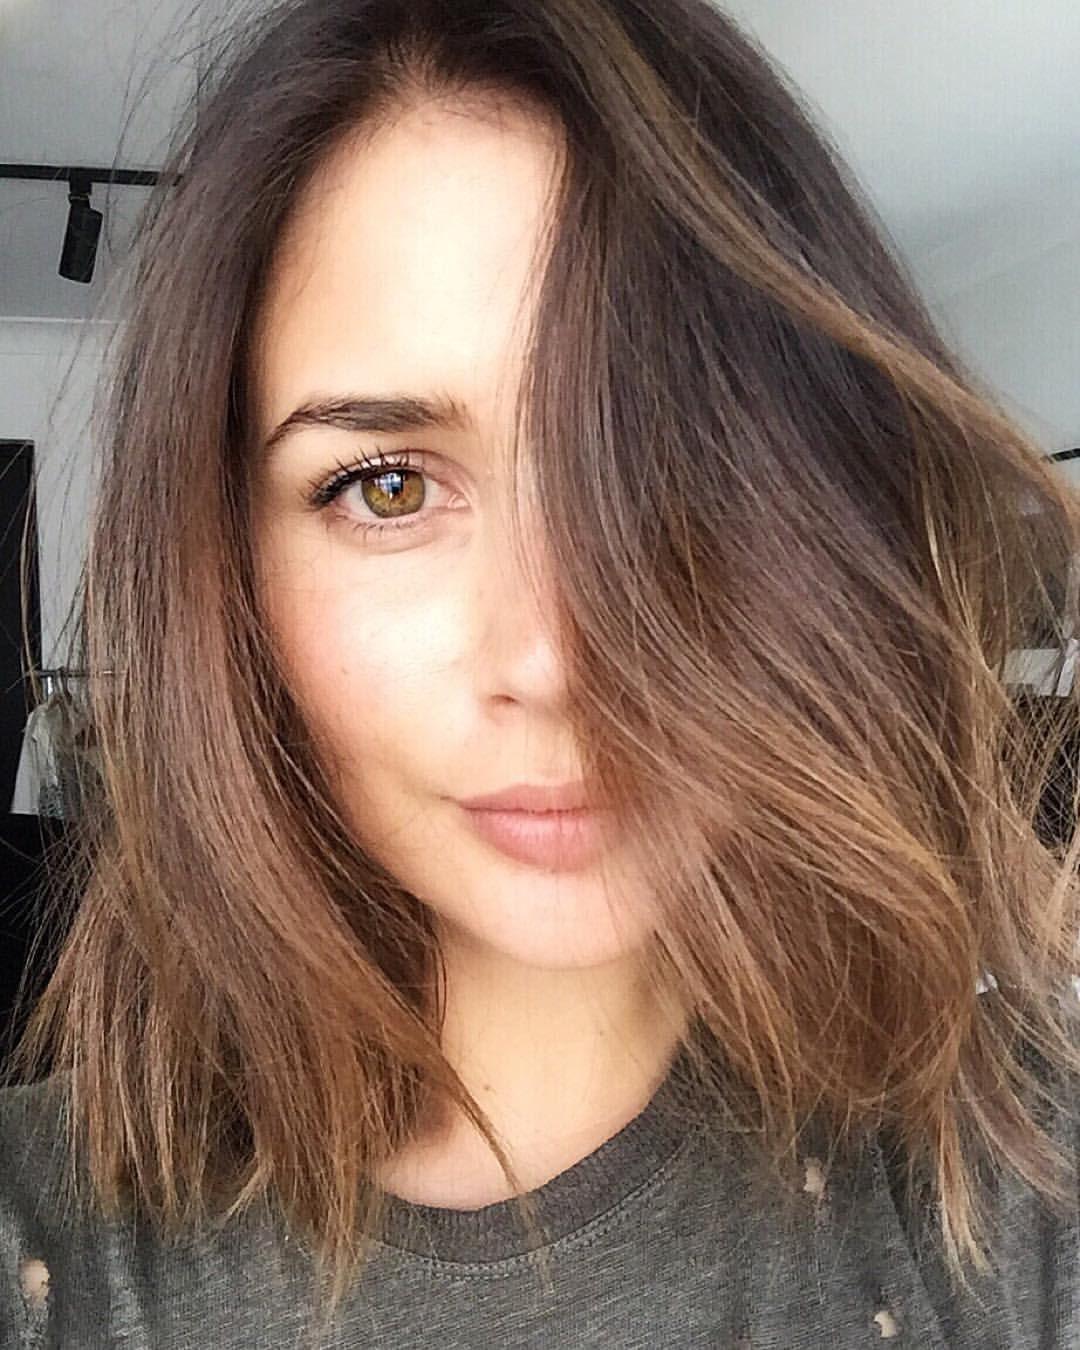 Sara donaldson sur instagram hair upkeep by jayeaedwards